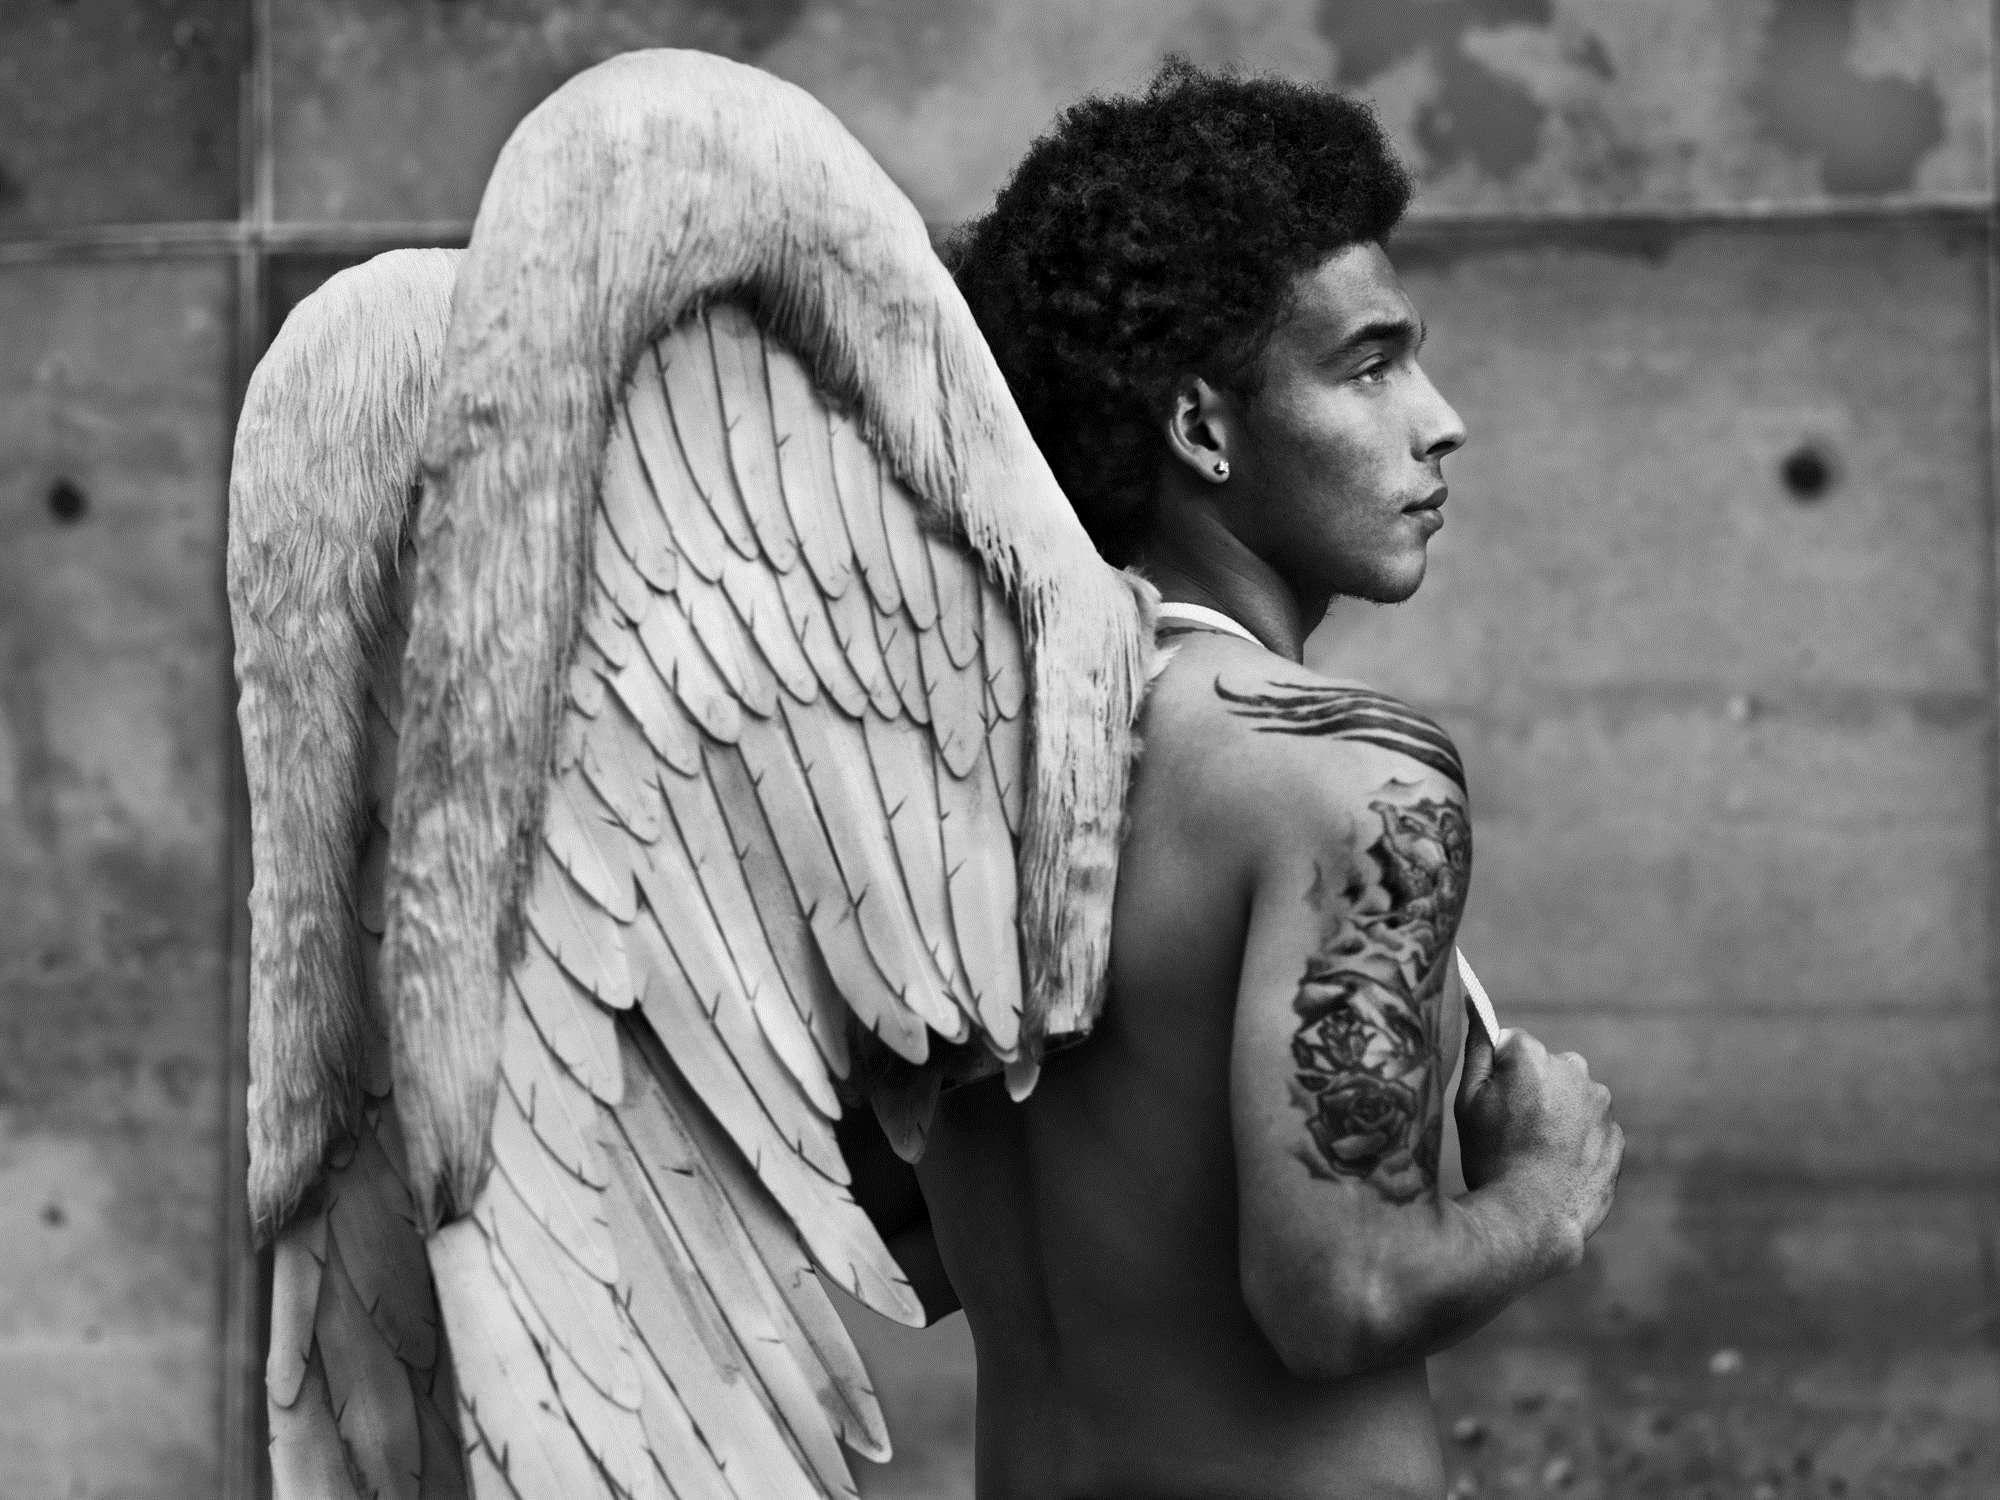 ангелы док фото такой забавный